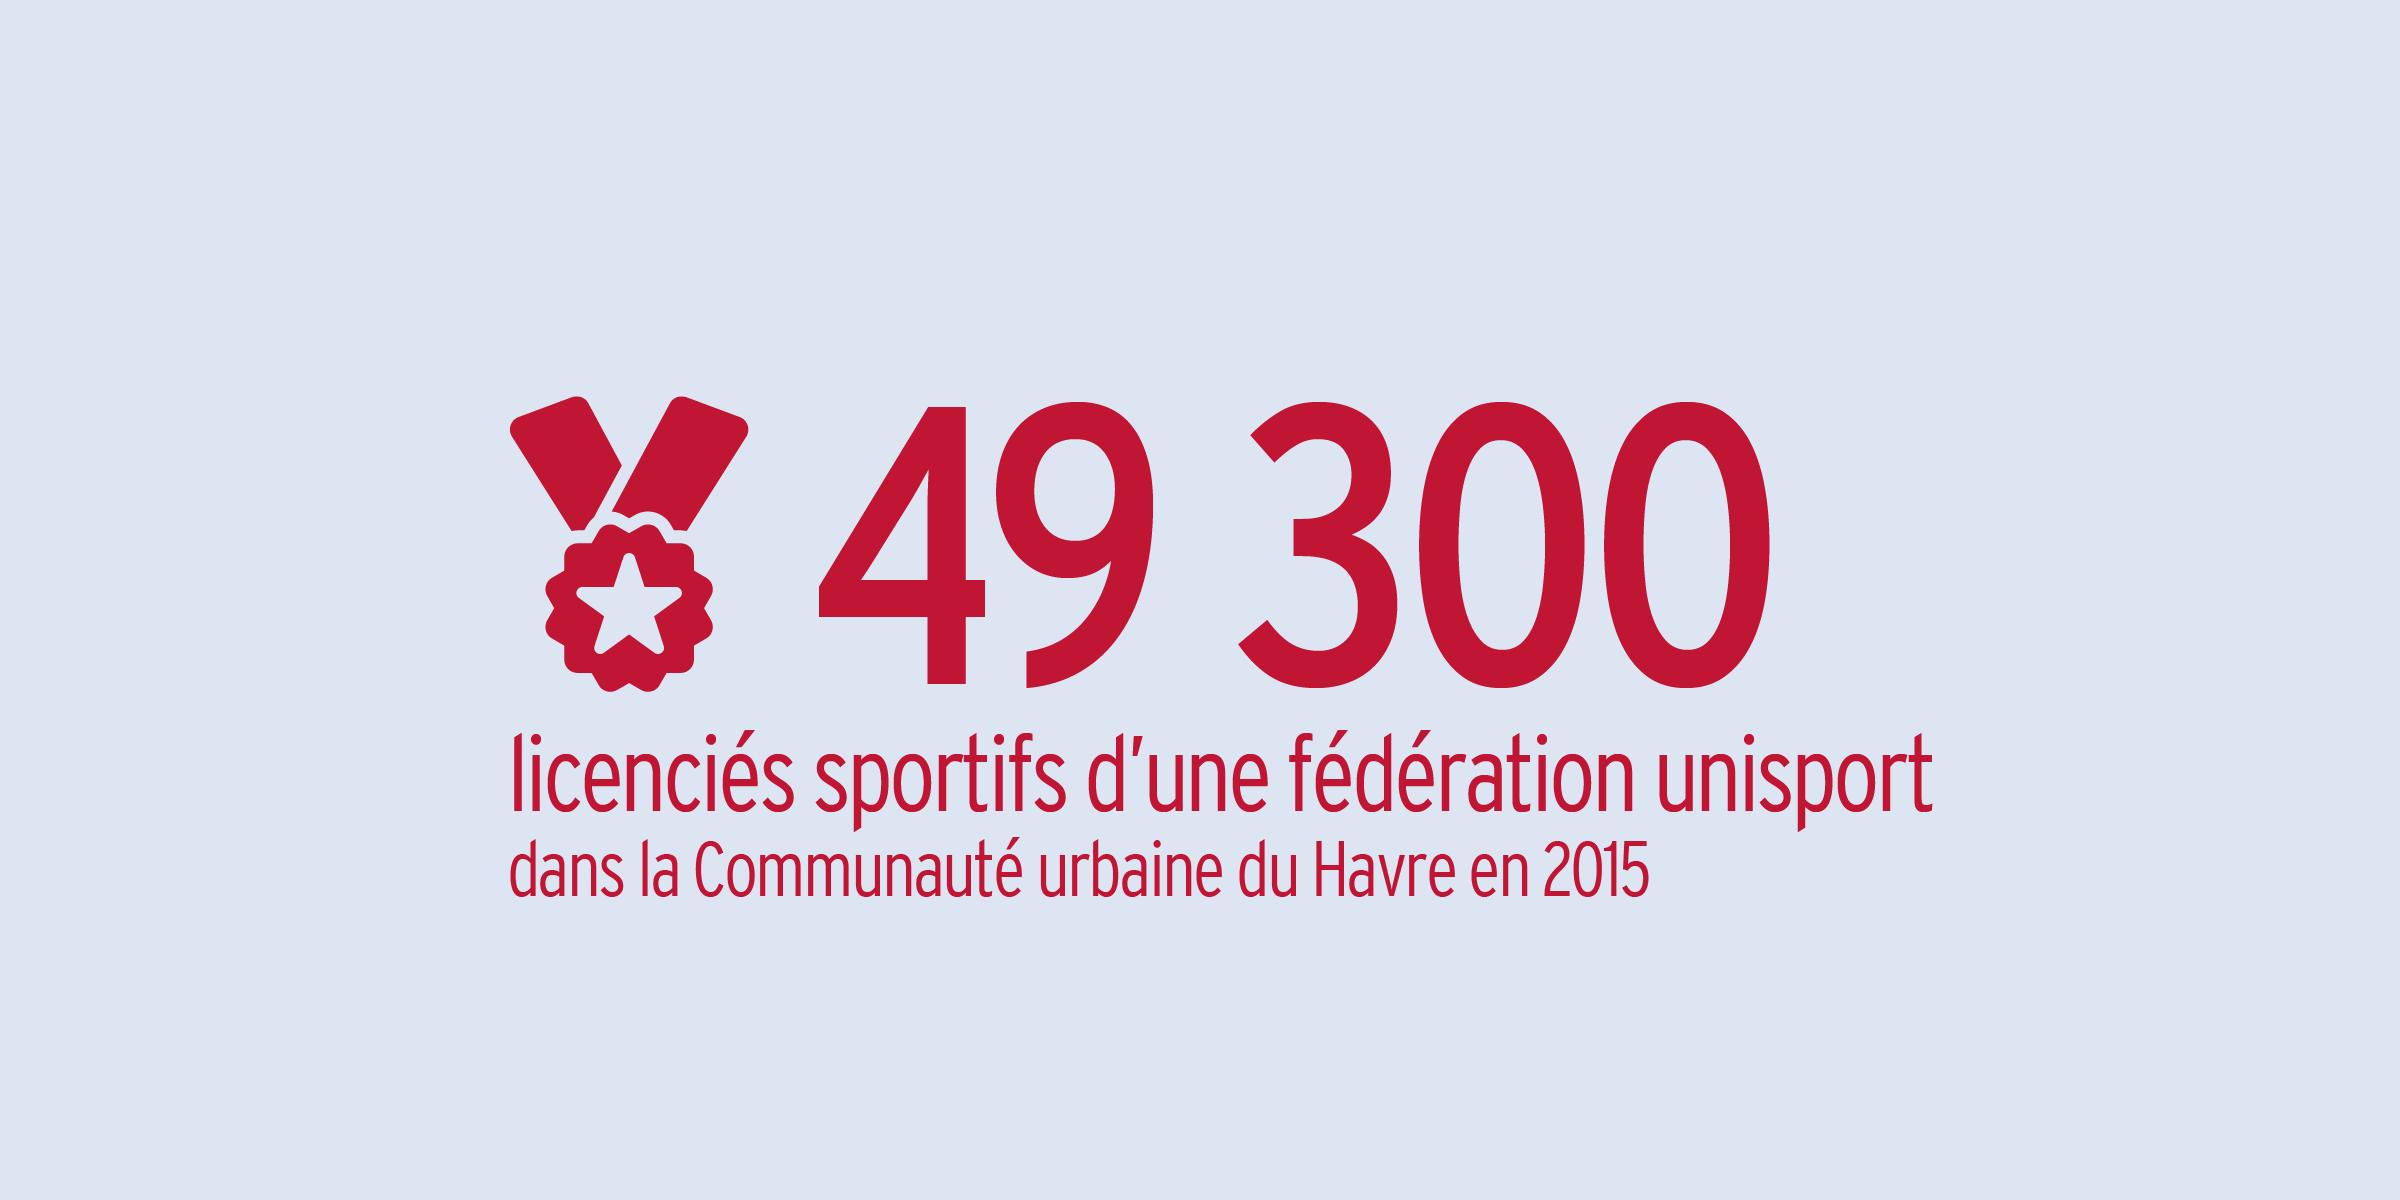 Le Havre Seine Métropole - Etat des lieux des équipements sportifs